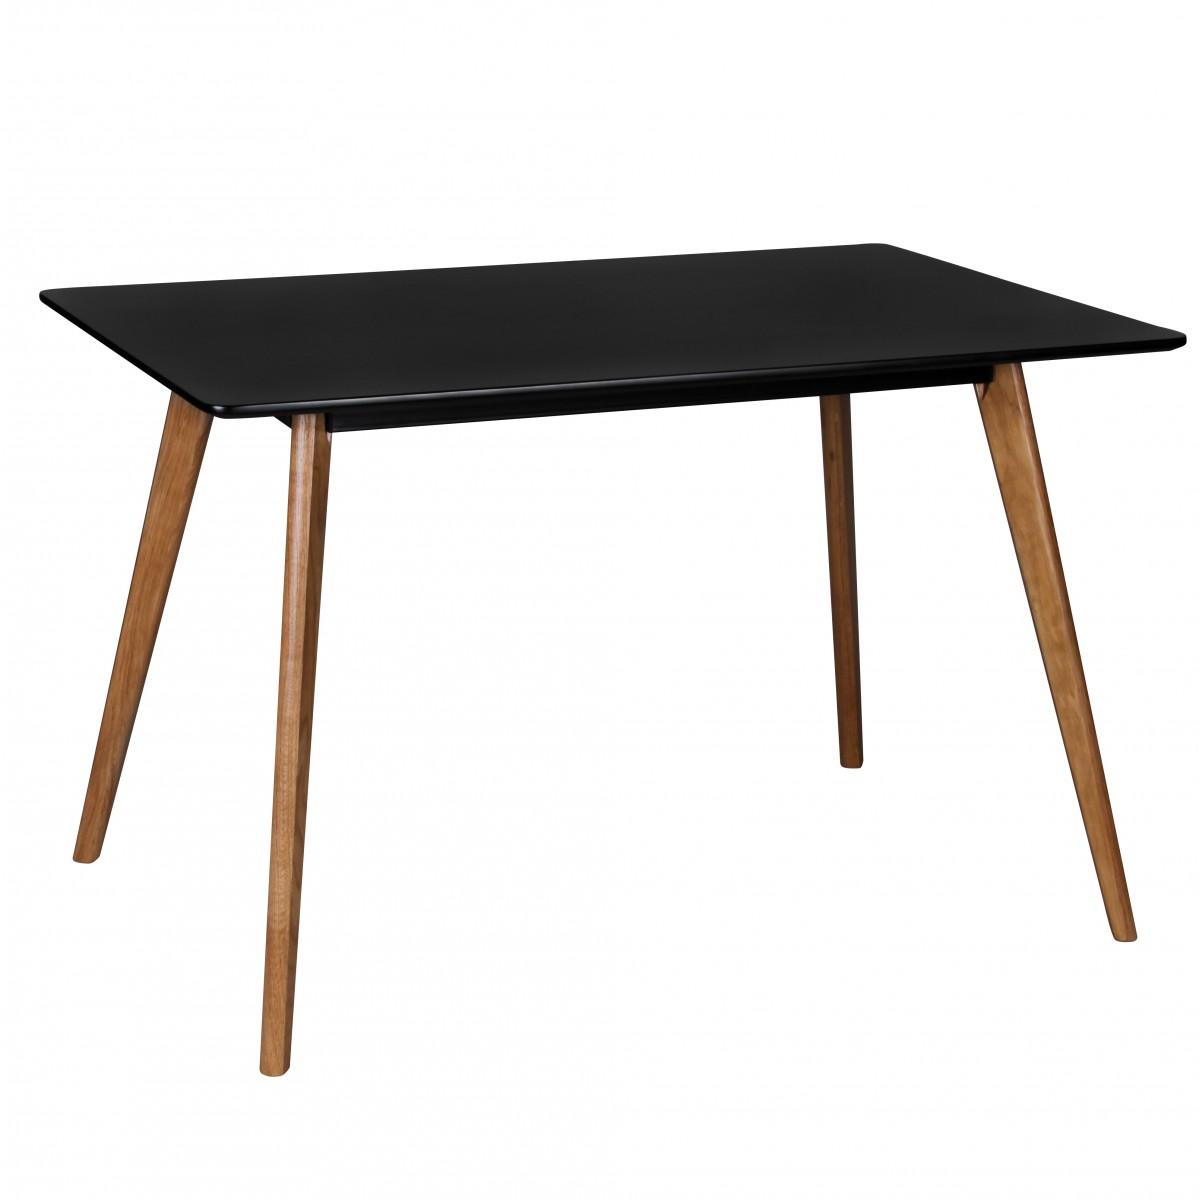 Jídelní stůl Scanio, 120 cm, černá/dub